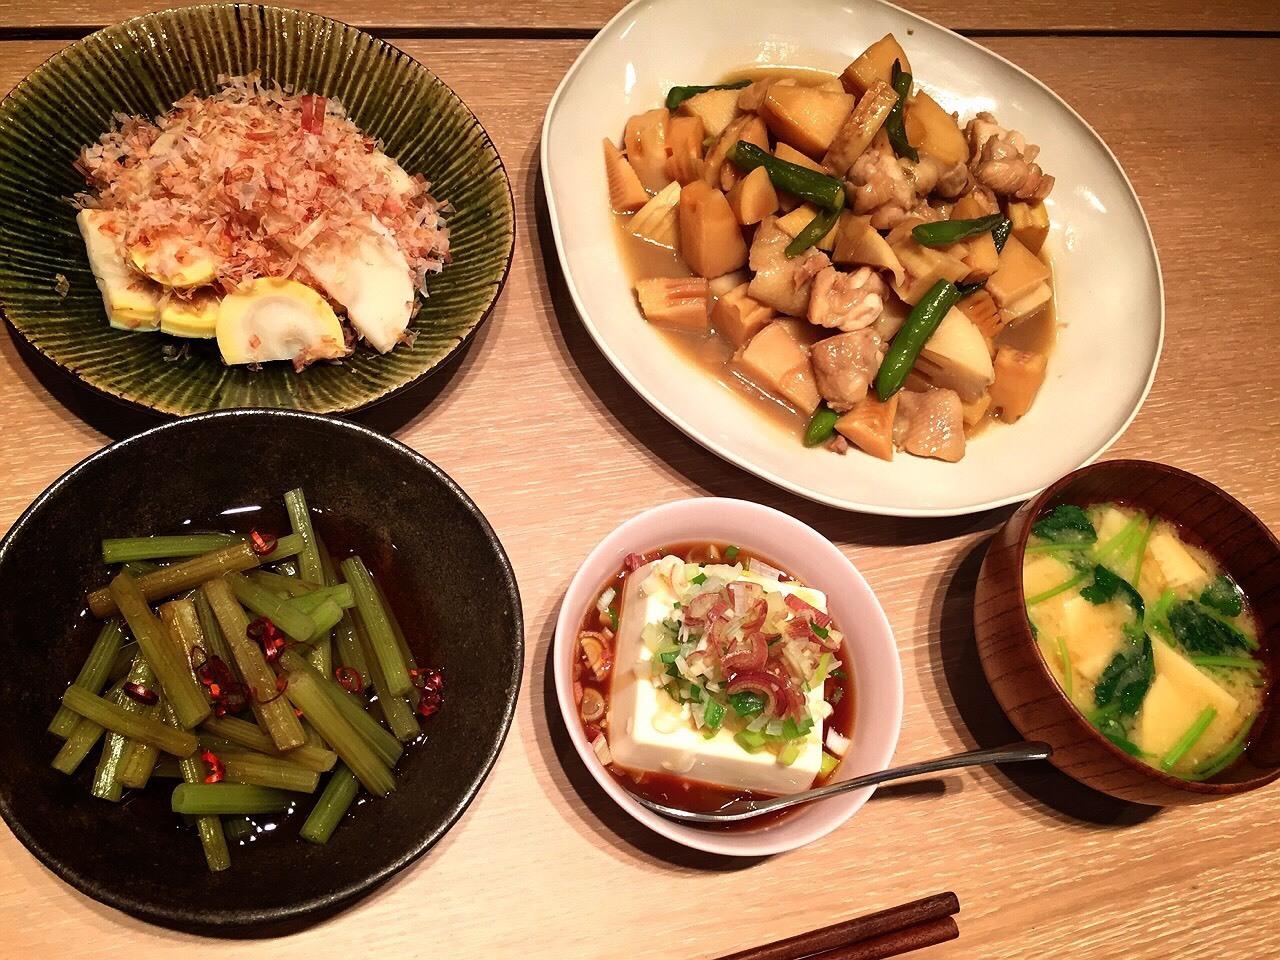 佐々木希 料理